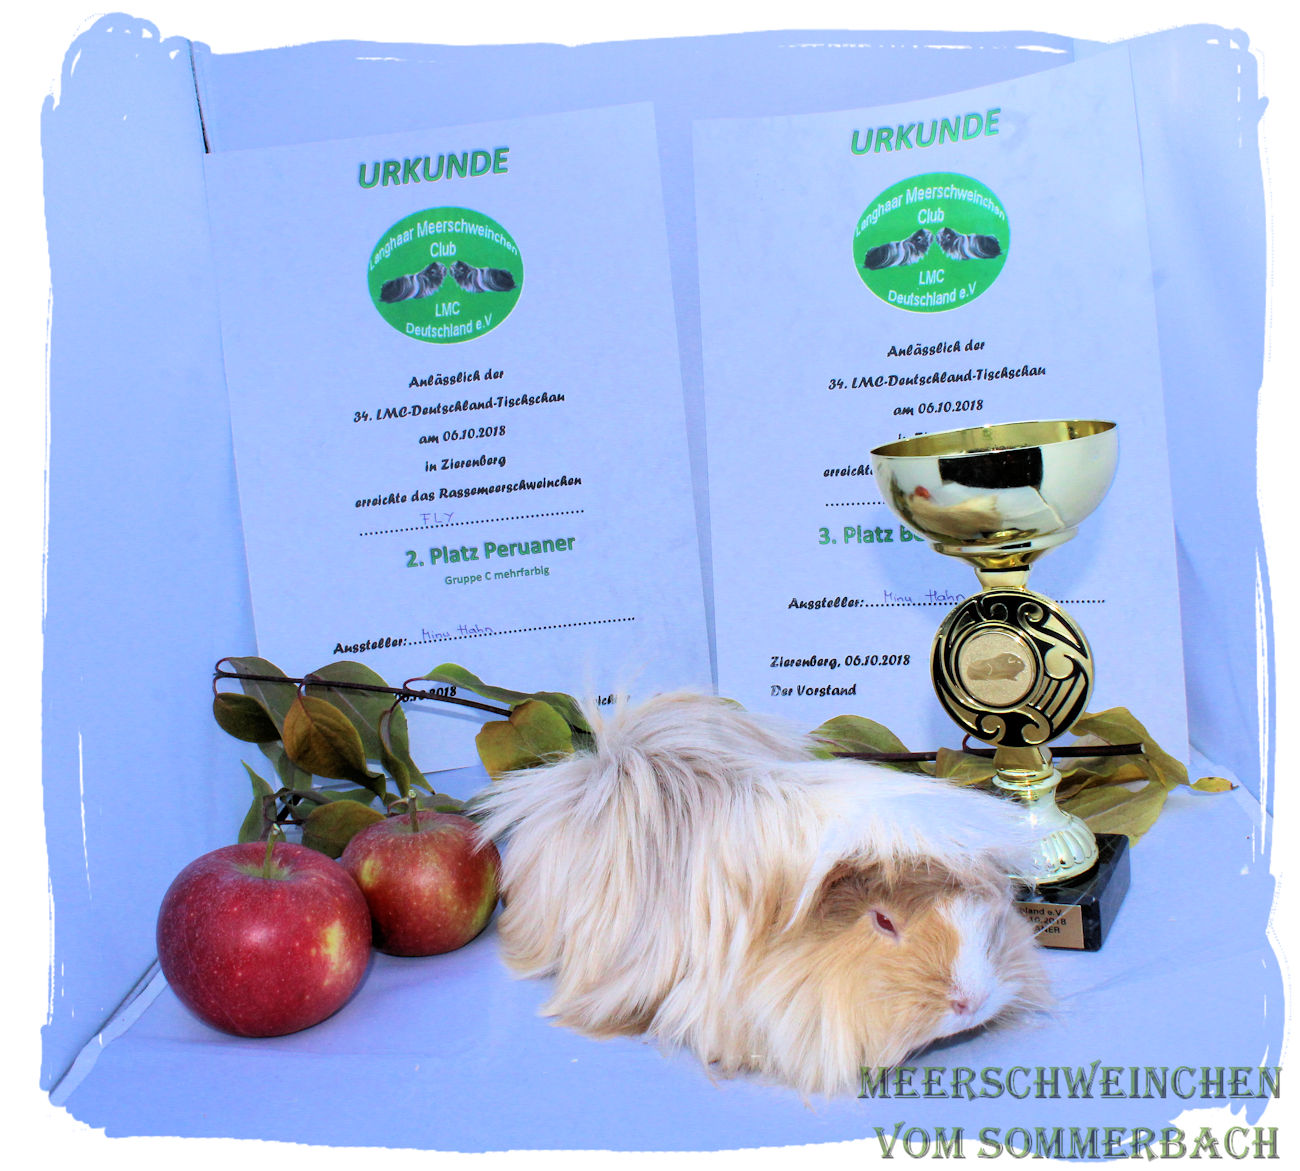 """Fly vom Sommerbach, 06.10.18, 3. Platz """"Bester Peruaner"""", 2. Platz """"Peruaner Gruppe C mehrfarbig"""""""